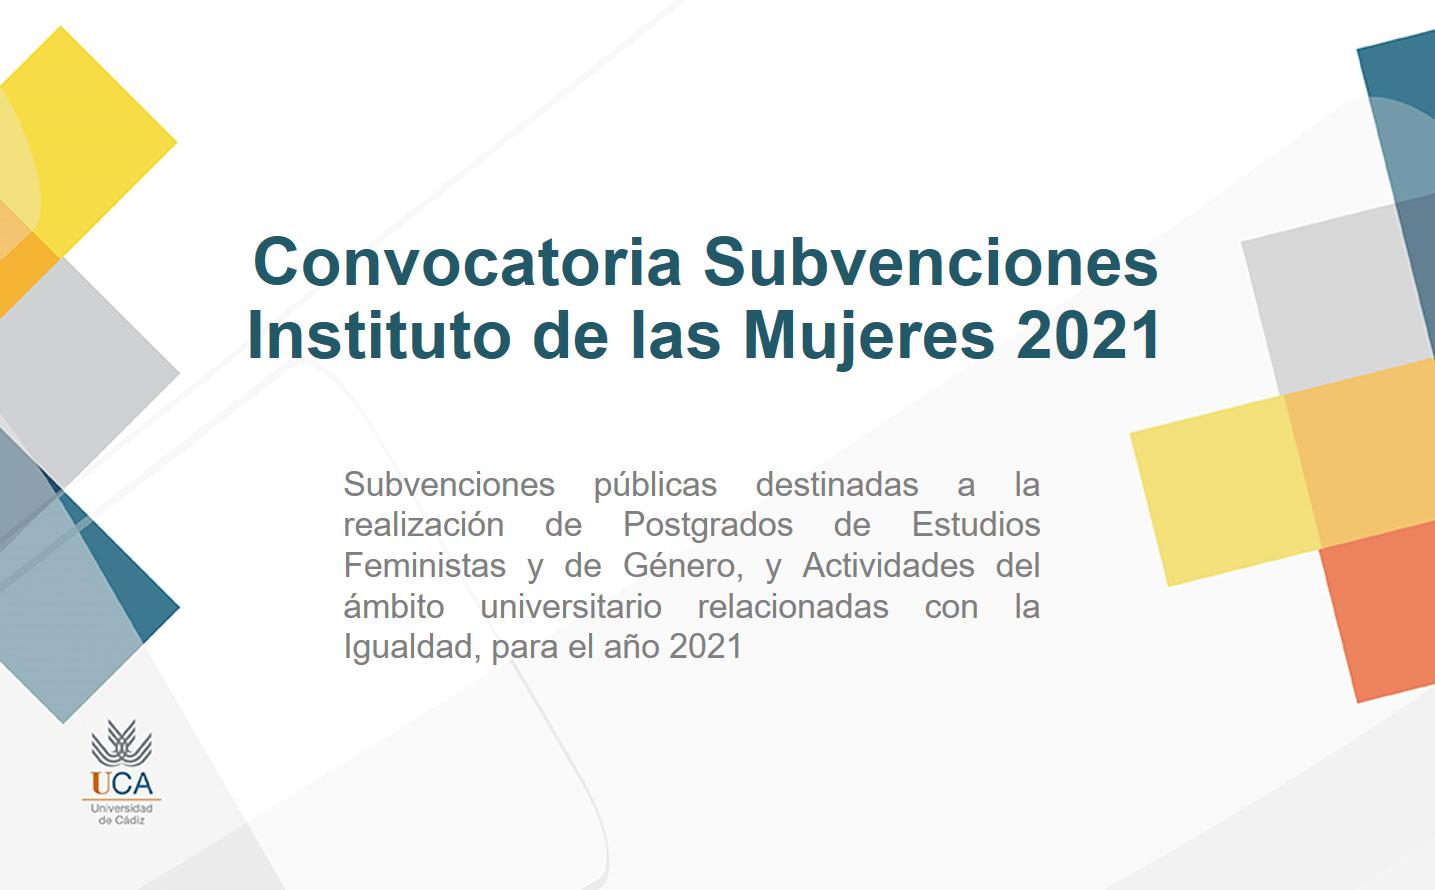 Convocatoria de subvenciones Instituto de las Mujeres 2021